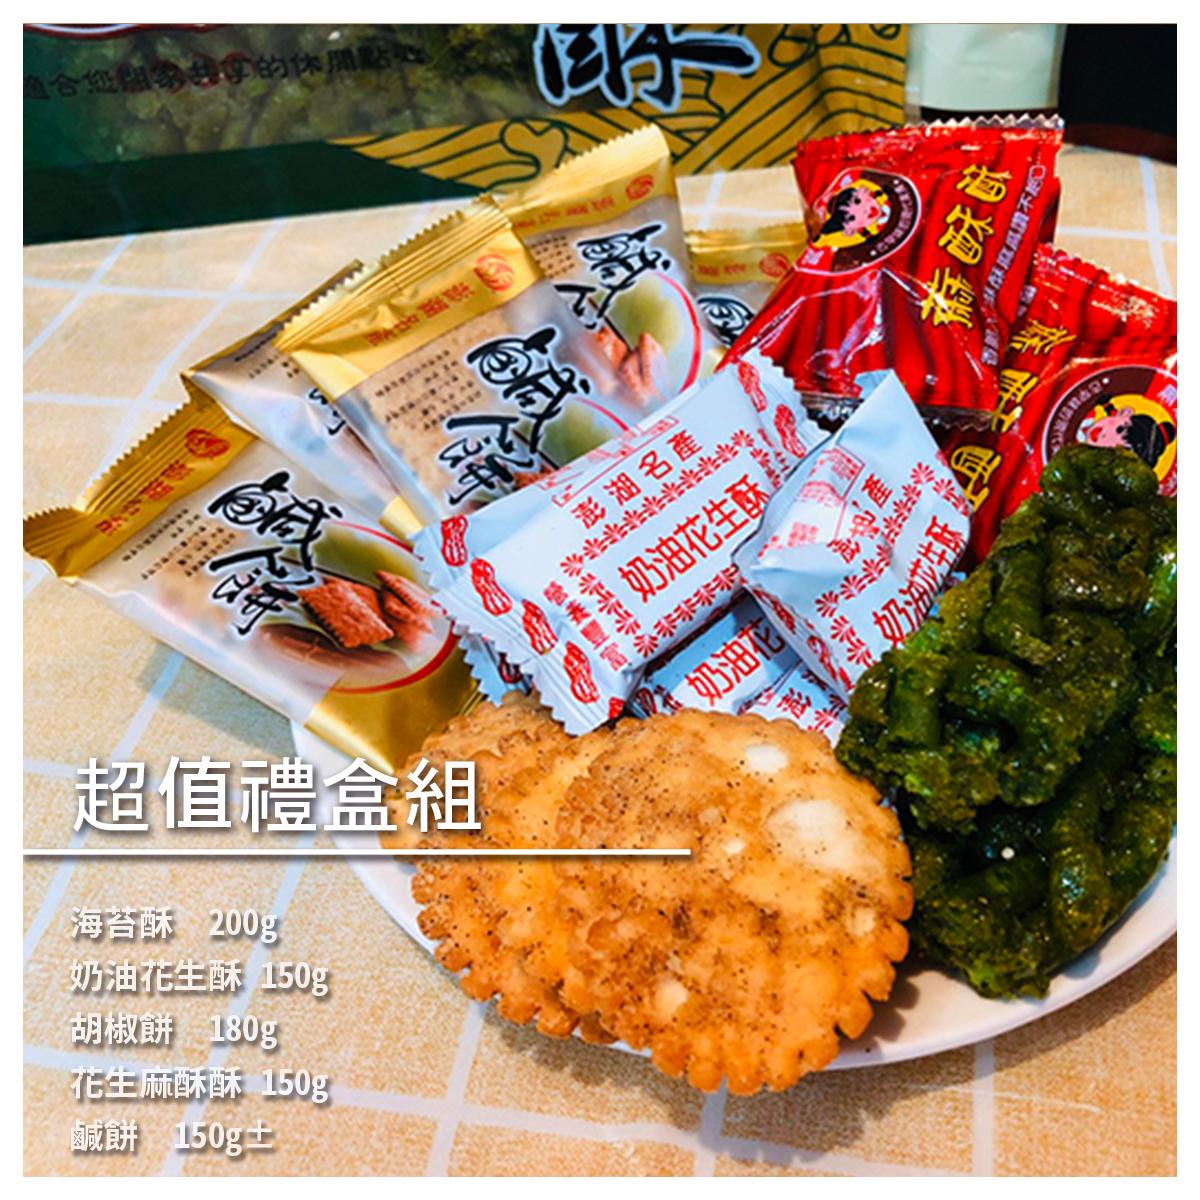 【信興名產行】限量100組/超值禮盒 海苔酥 奶油花生酥 胡椒餅 花生麻酥酥 鹹餅